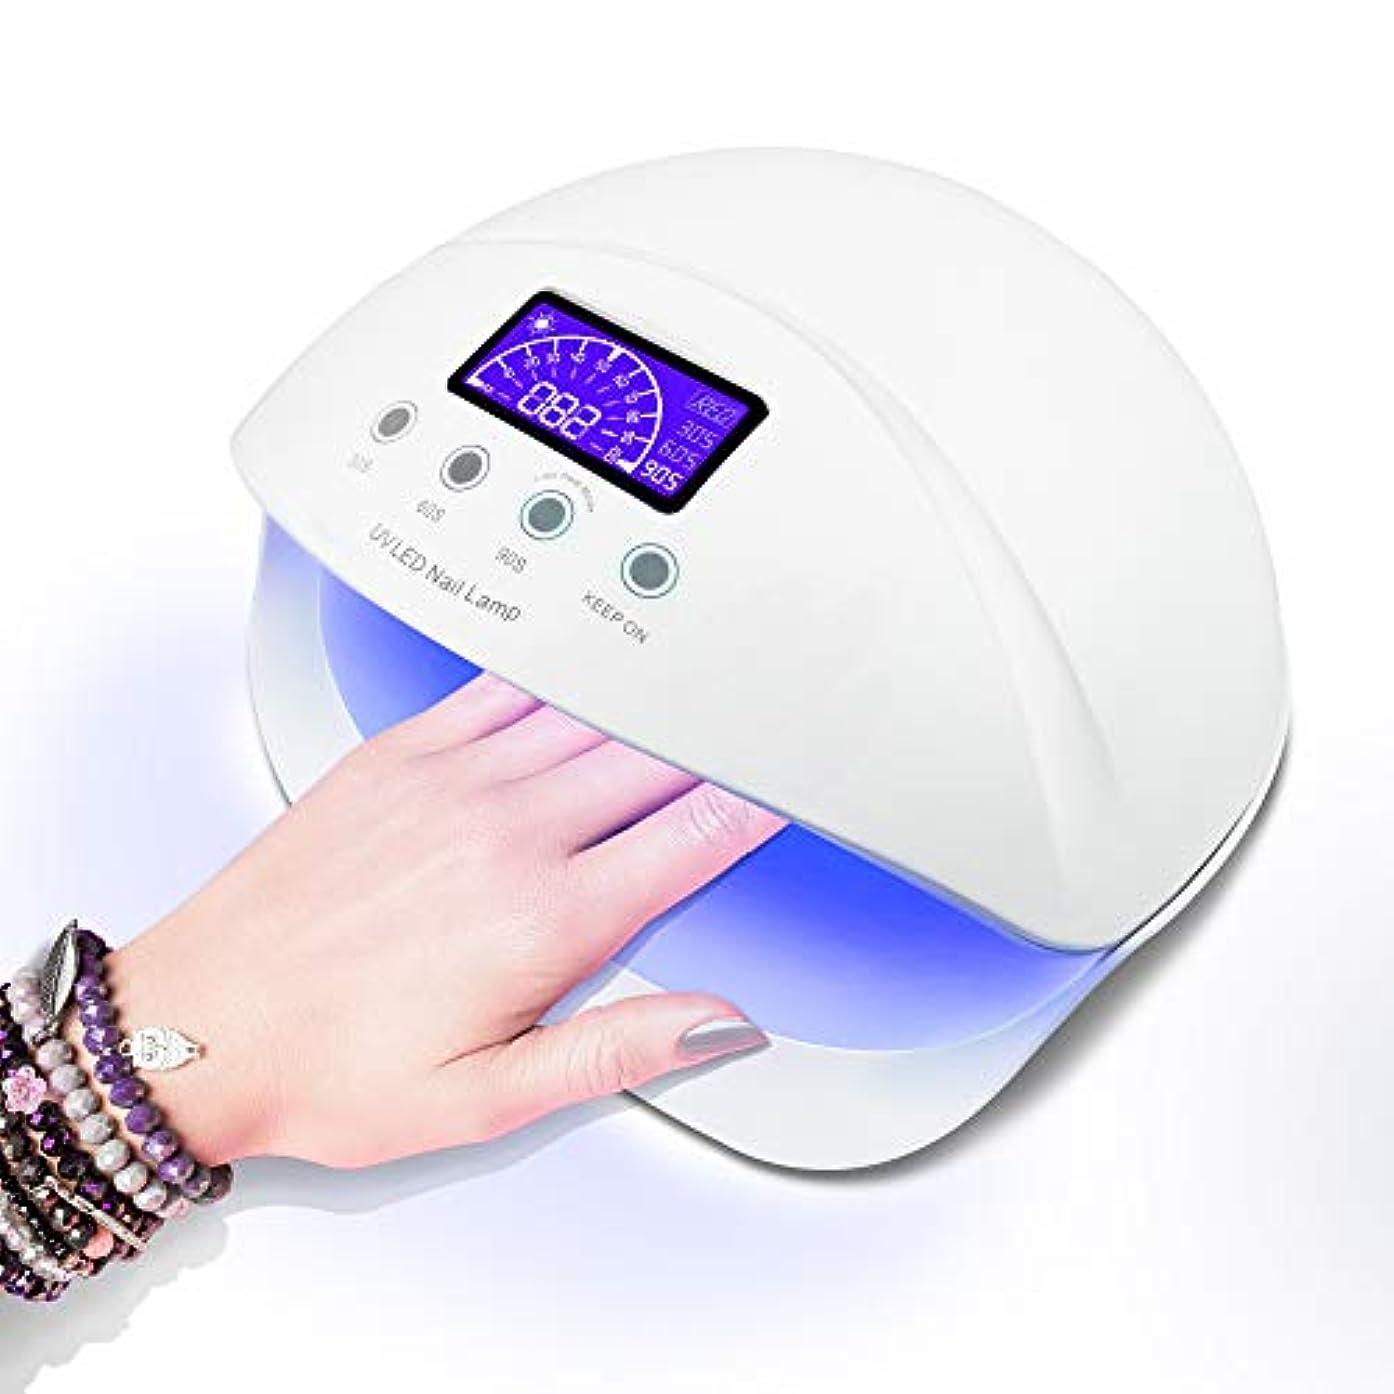 文房具世界的に過去LED ネイルドライヤー UVネイルライト 50W ハイパワー ジェルネイルライト 肌をケア センサータイマー付き UVライト 速乾UV ネイル ハンドフット両用  ネイル led ライト [日本語取扱説明書付き]